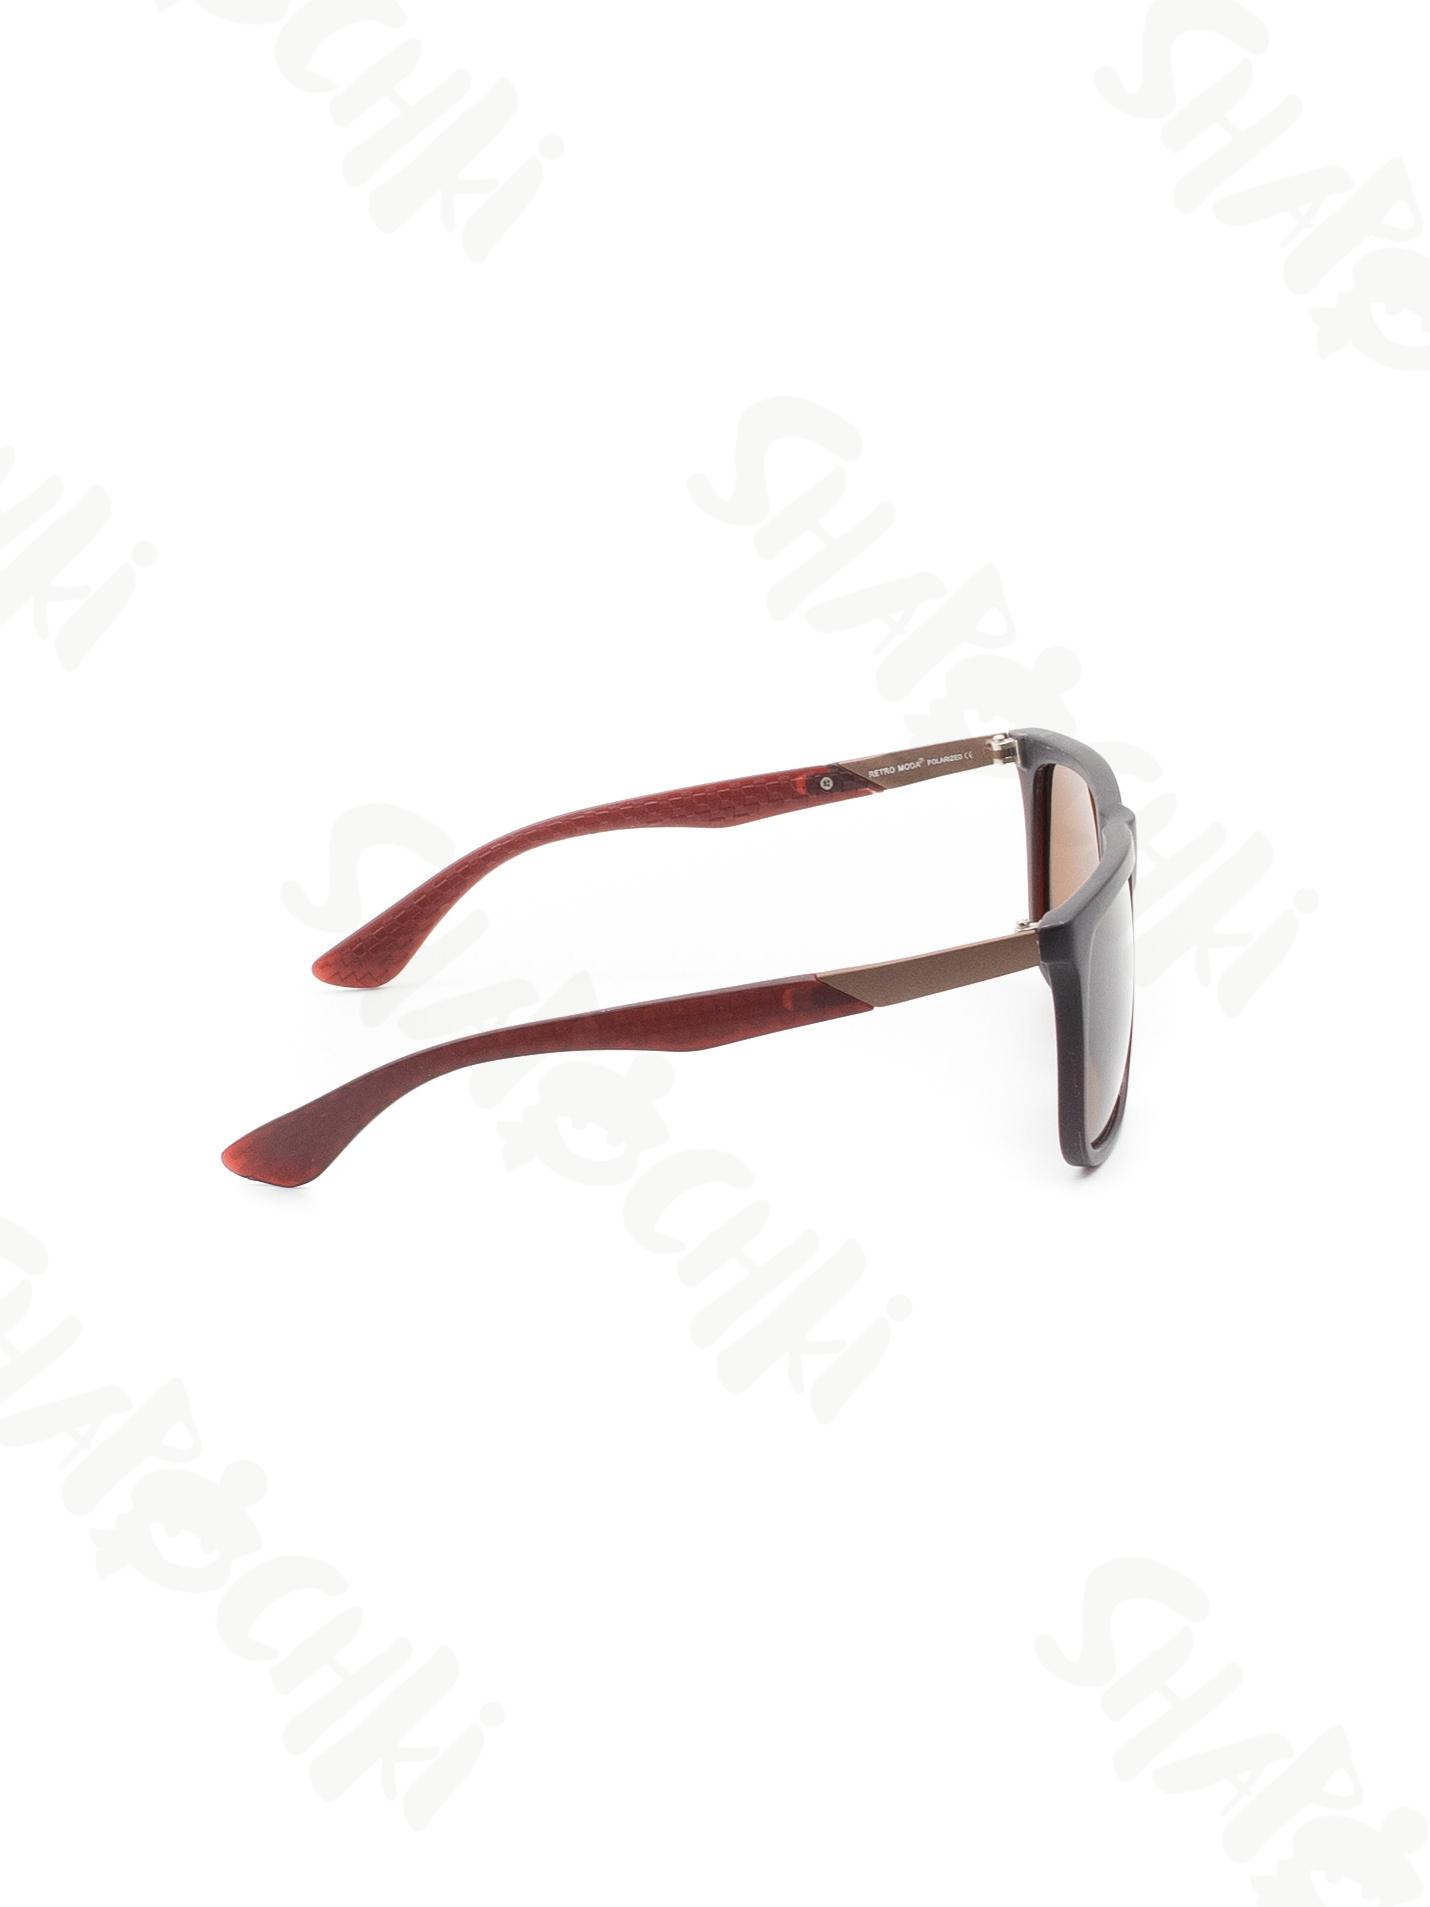 Солнцезащитные очки Retro Moda 065 Вайфареры (Путники)